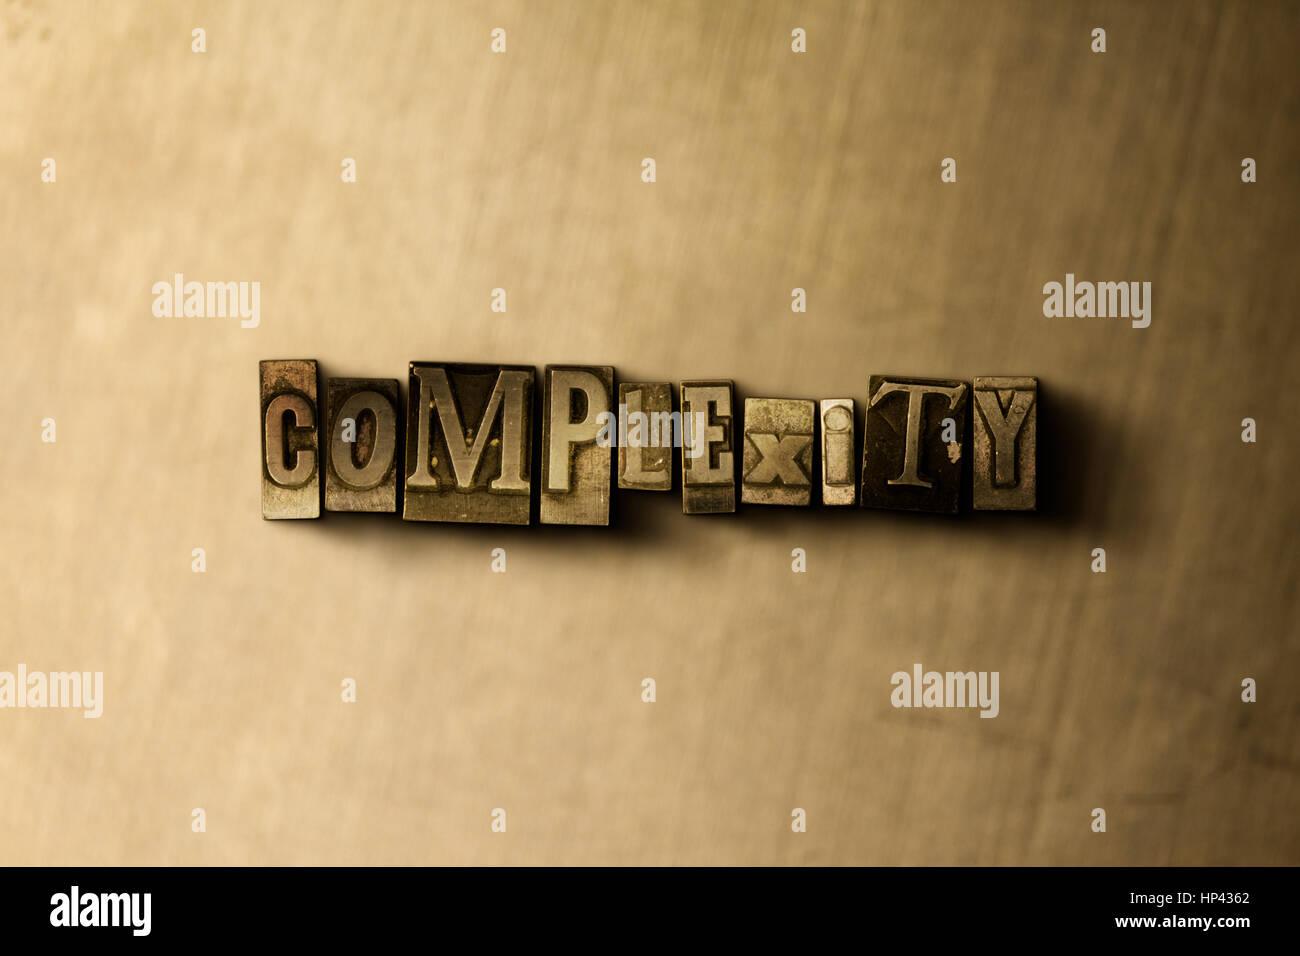 Complexité - close-up de grungy vintage imprimé sur toile métallique mot. Illustration libres de Photo Stock